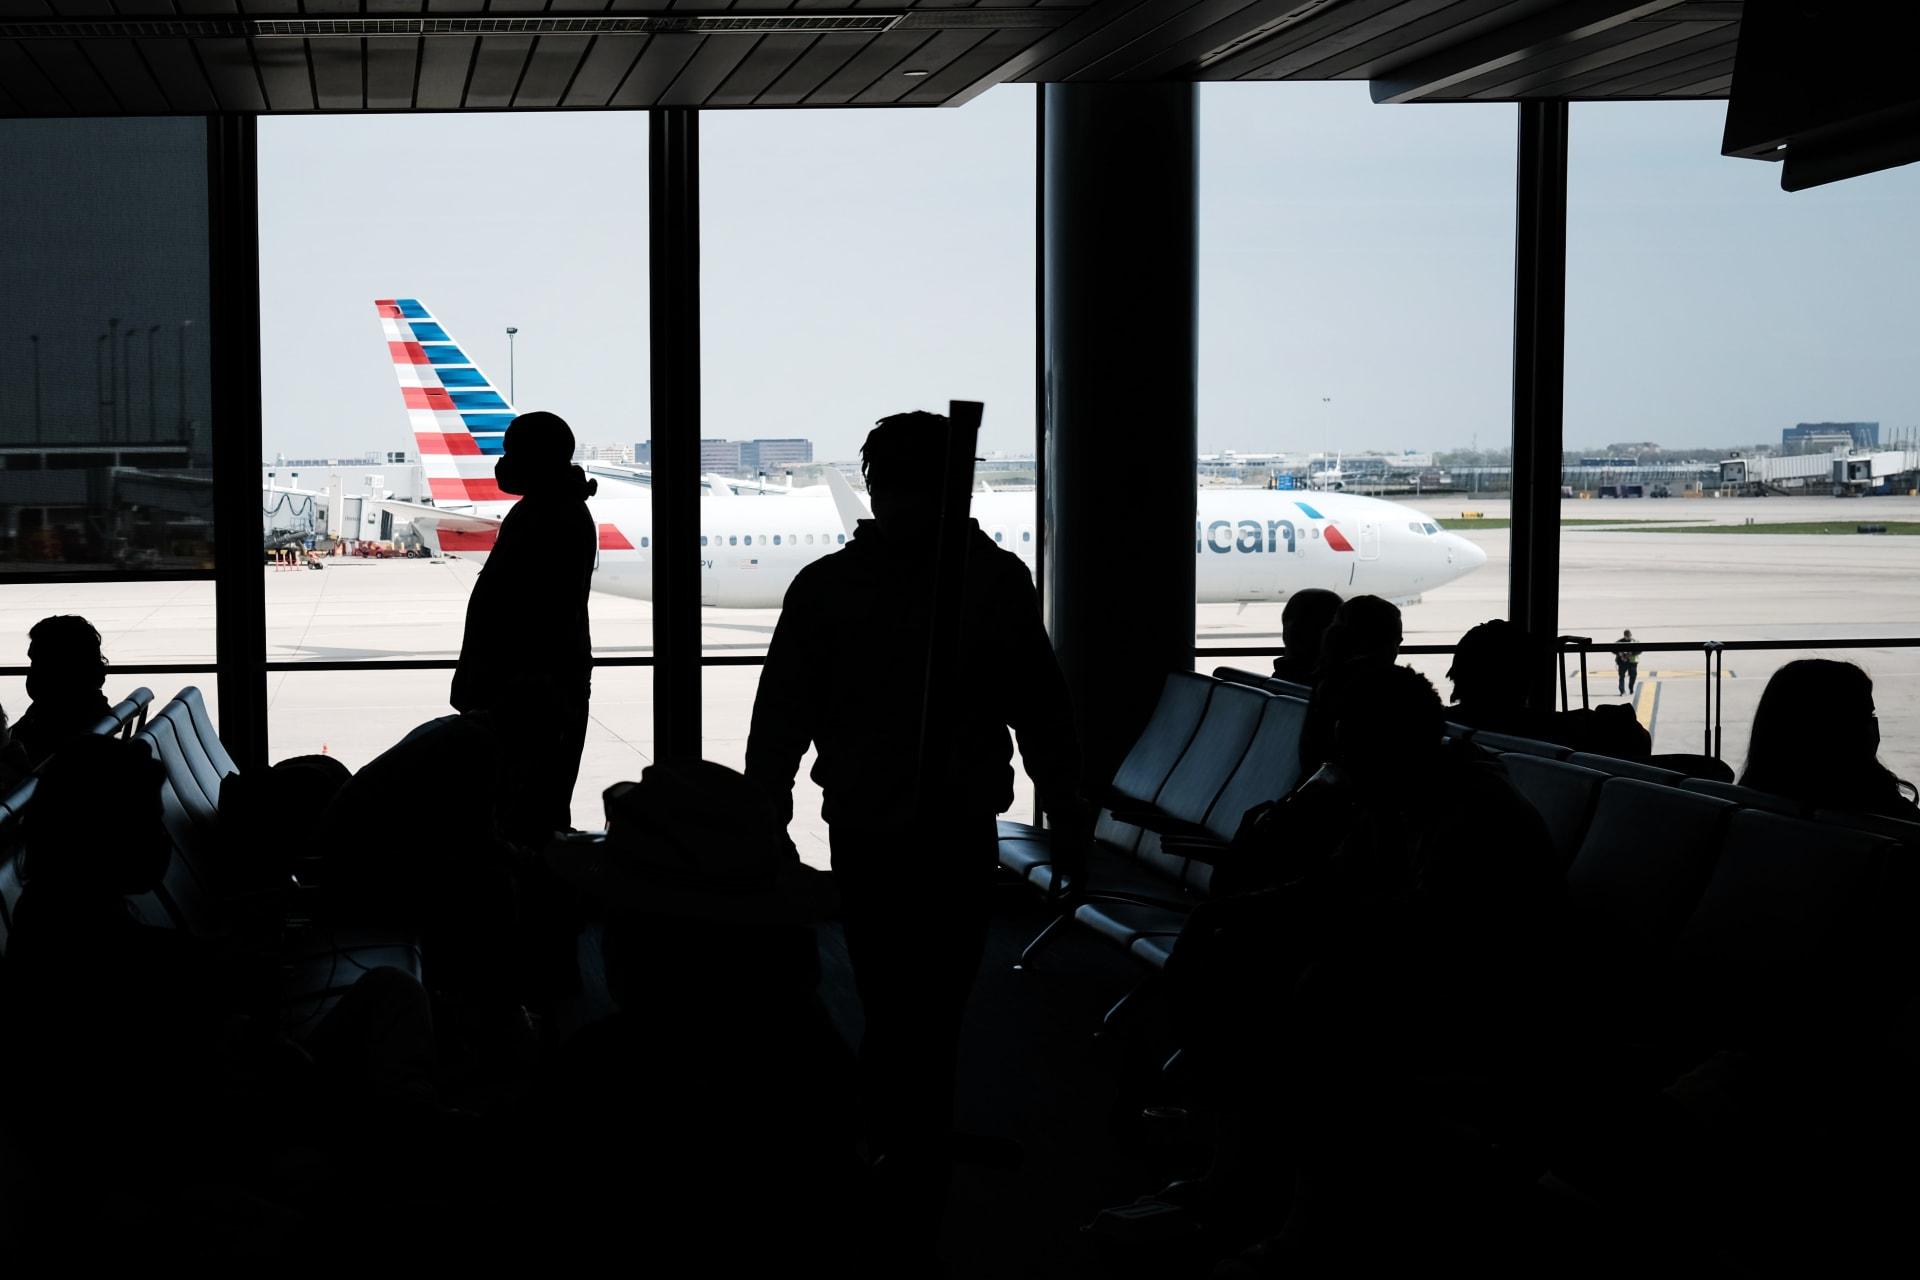 أمريكا تستثني هذه الفئات من حظر السفر المفروض بسبب كورونا